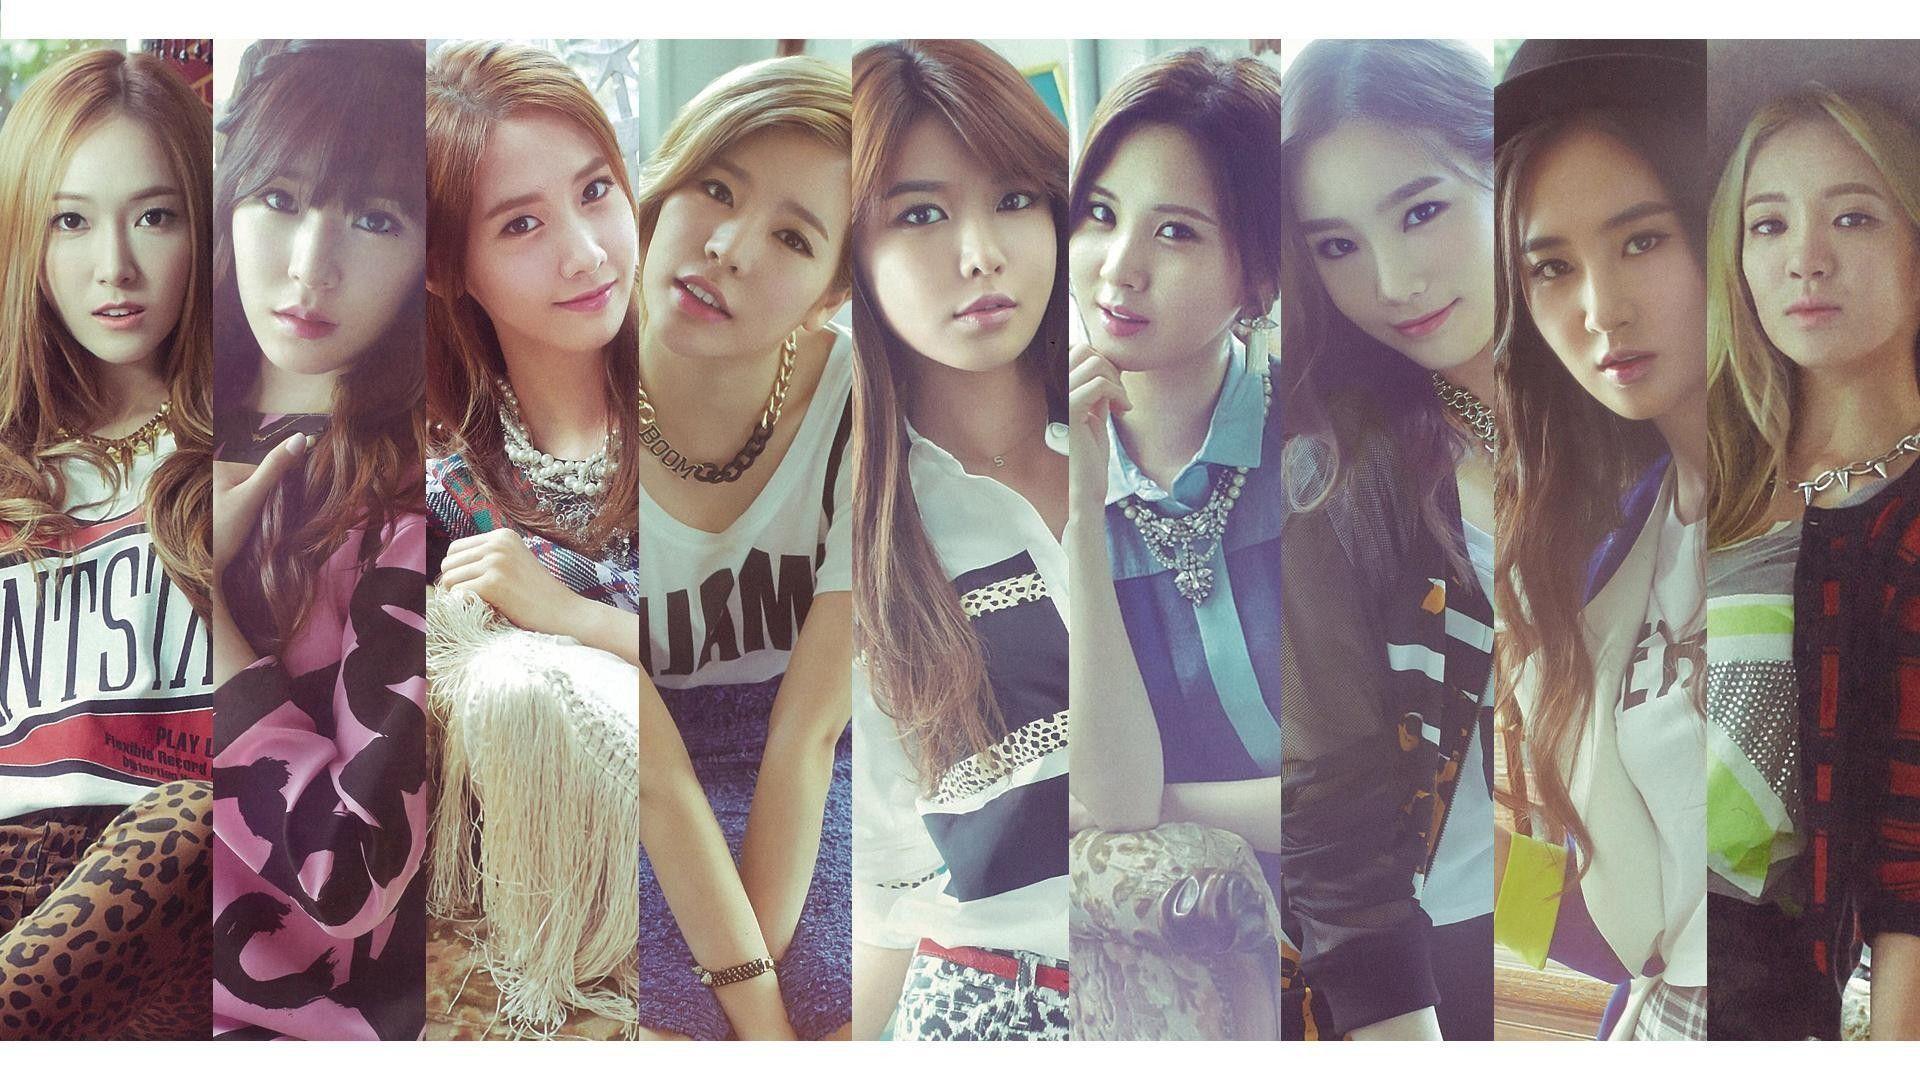 Girls Generation Wallpaper 2017 Ot9 Wallpapers Snsd 2016 Wallpaper Cave